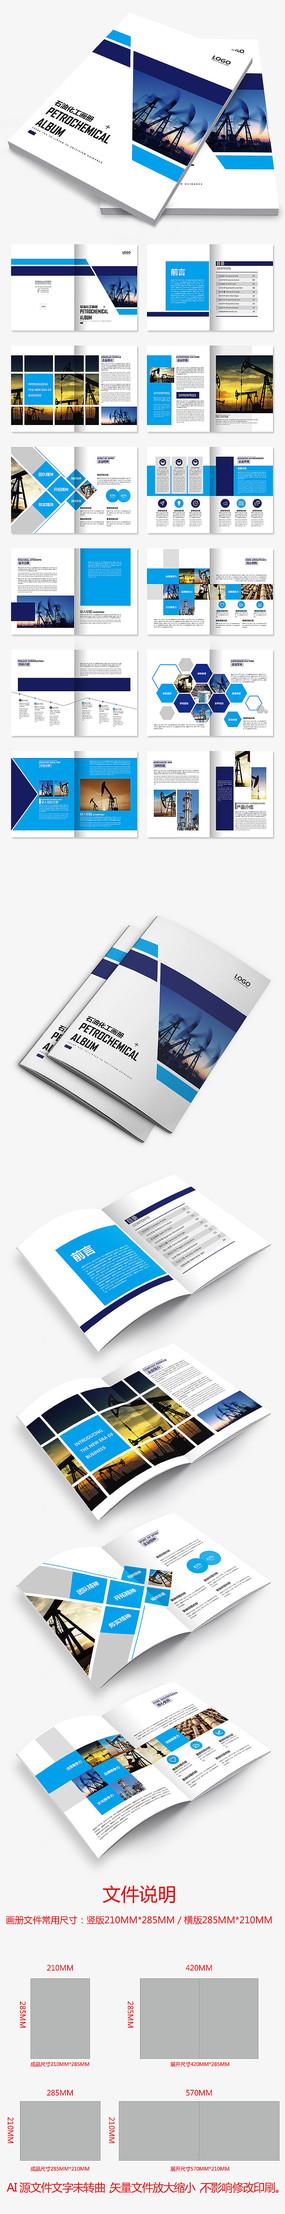 蓝色石油工业公司石油开采天然气画册设计